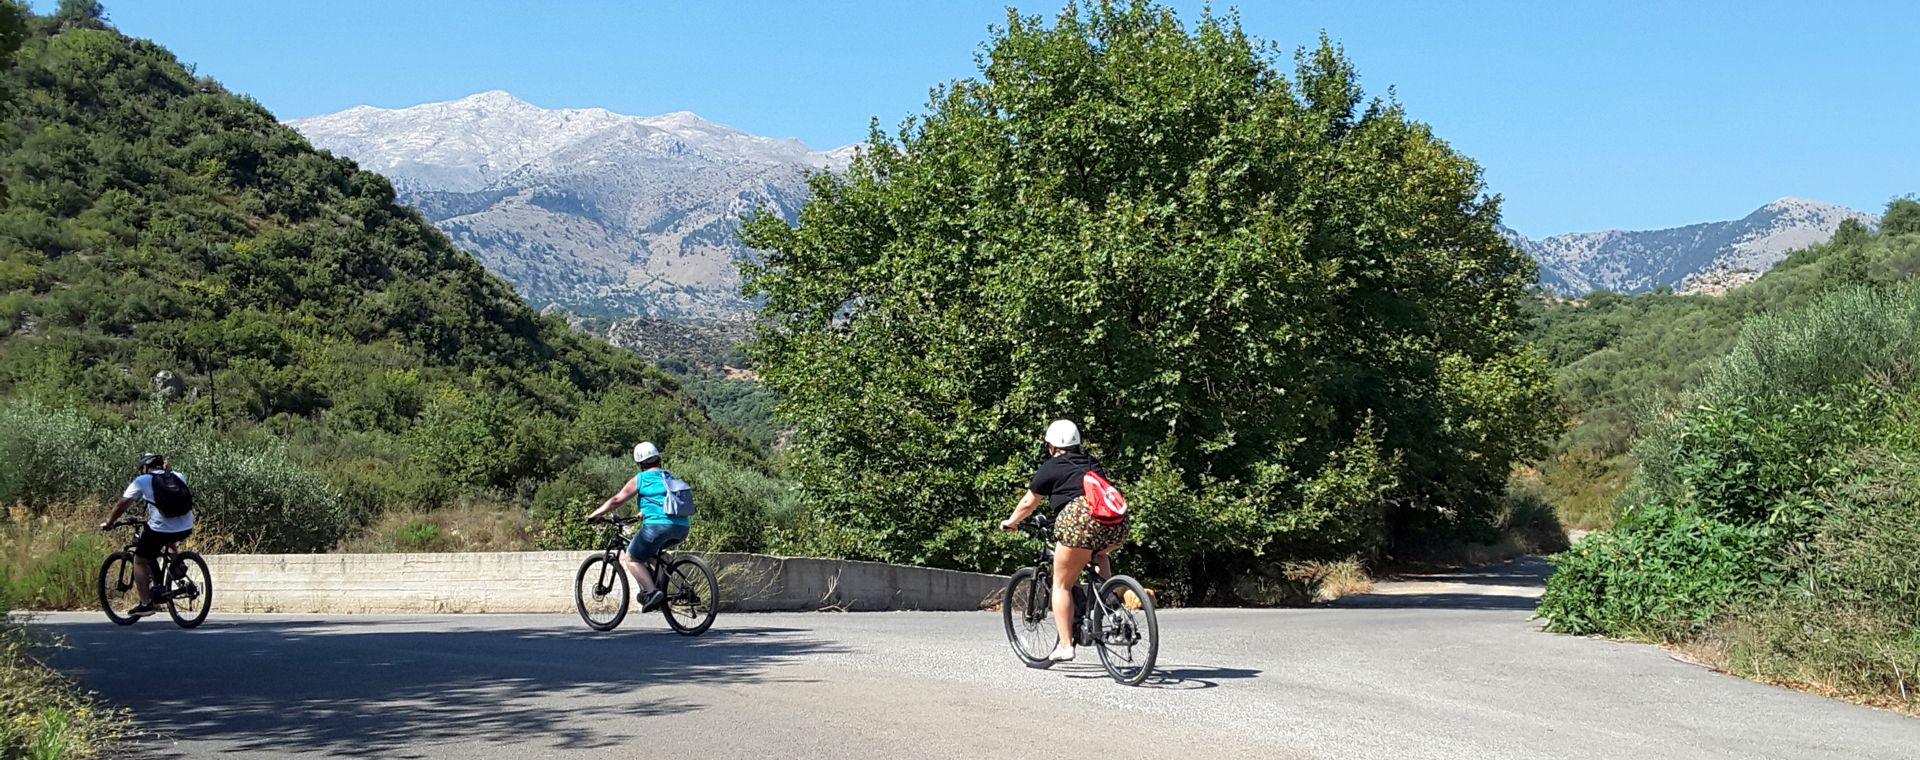 Image Les Météores et les montagnes de l'Épire à vélo électrique